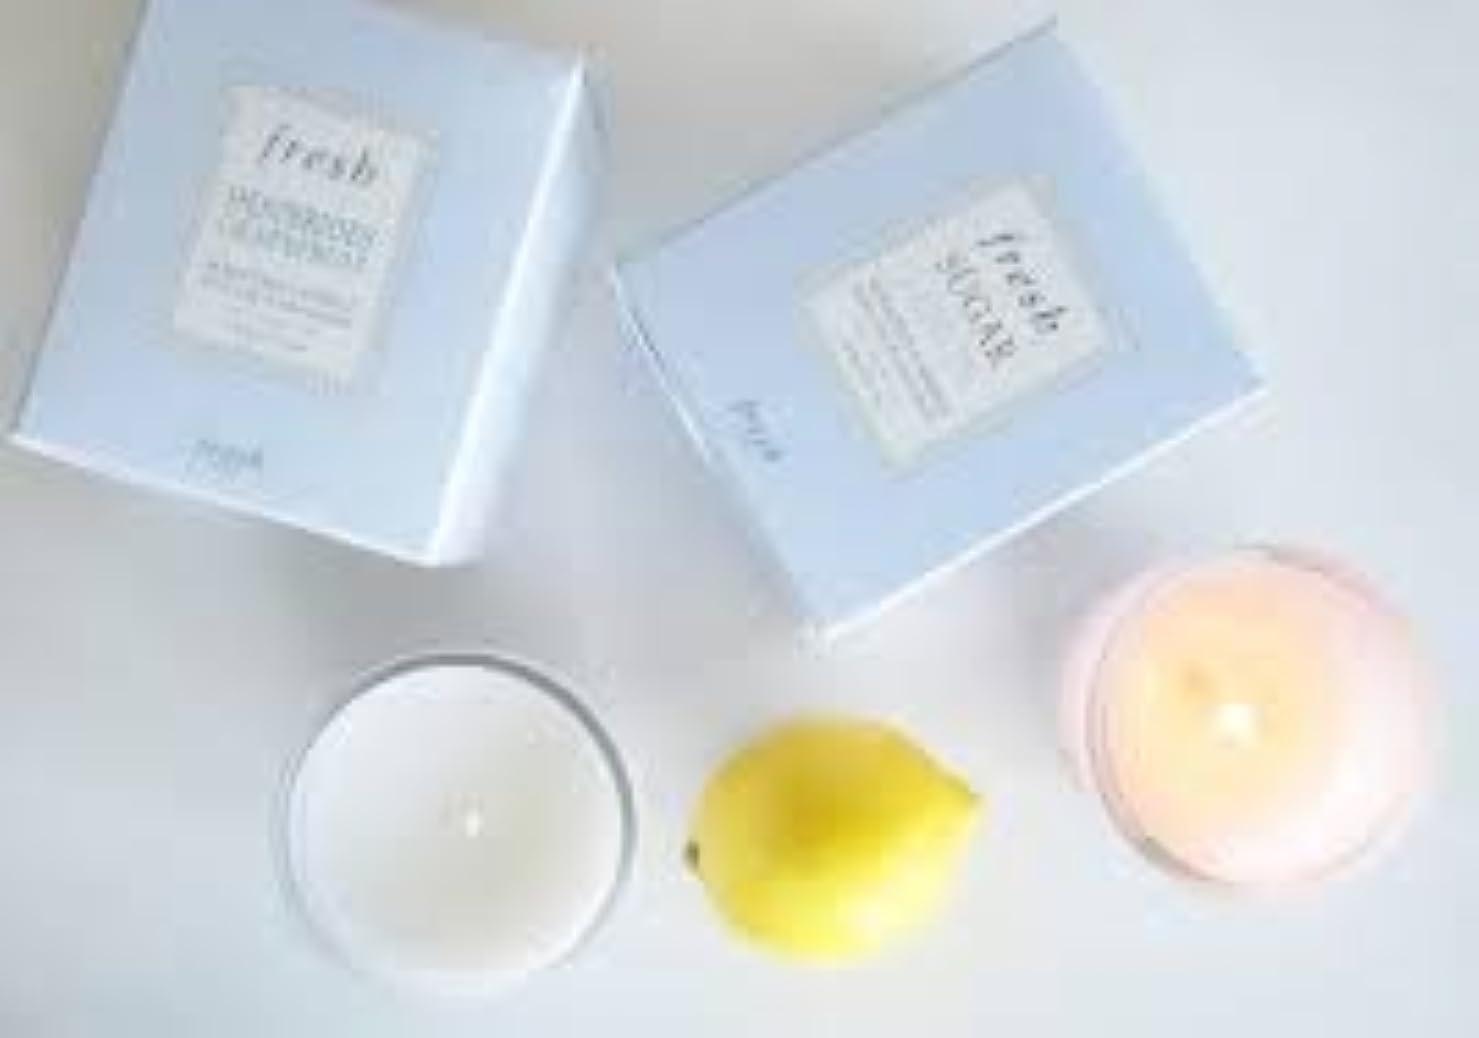 連合アナログ覚えているFresh Life (フレッシュ ライフ) 1.0 oz (30g) Scented Candle (香りつきキャンドル)